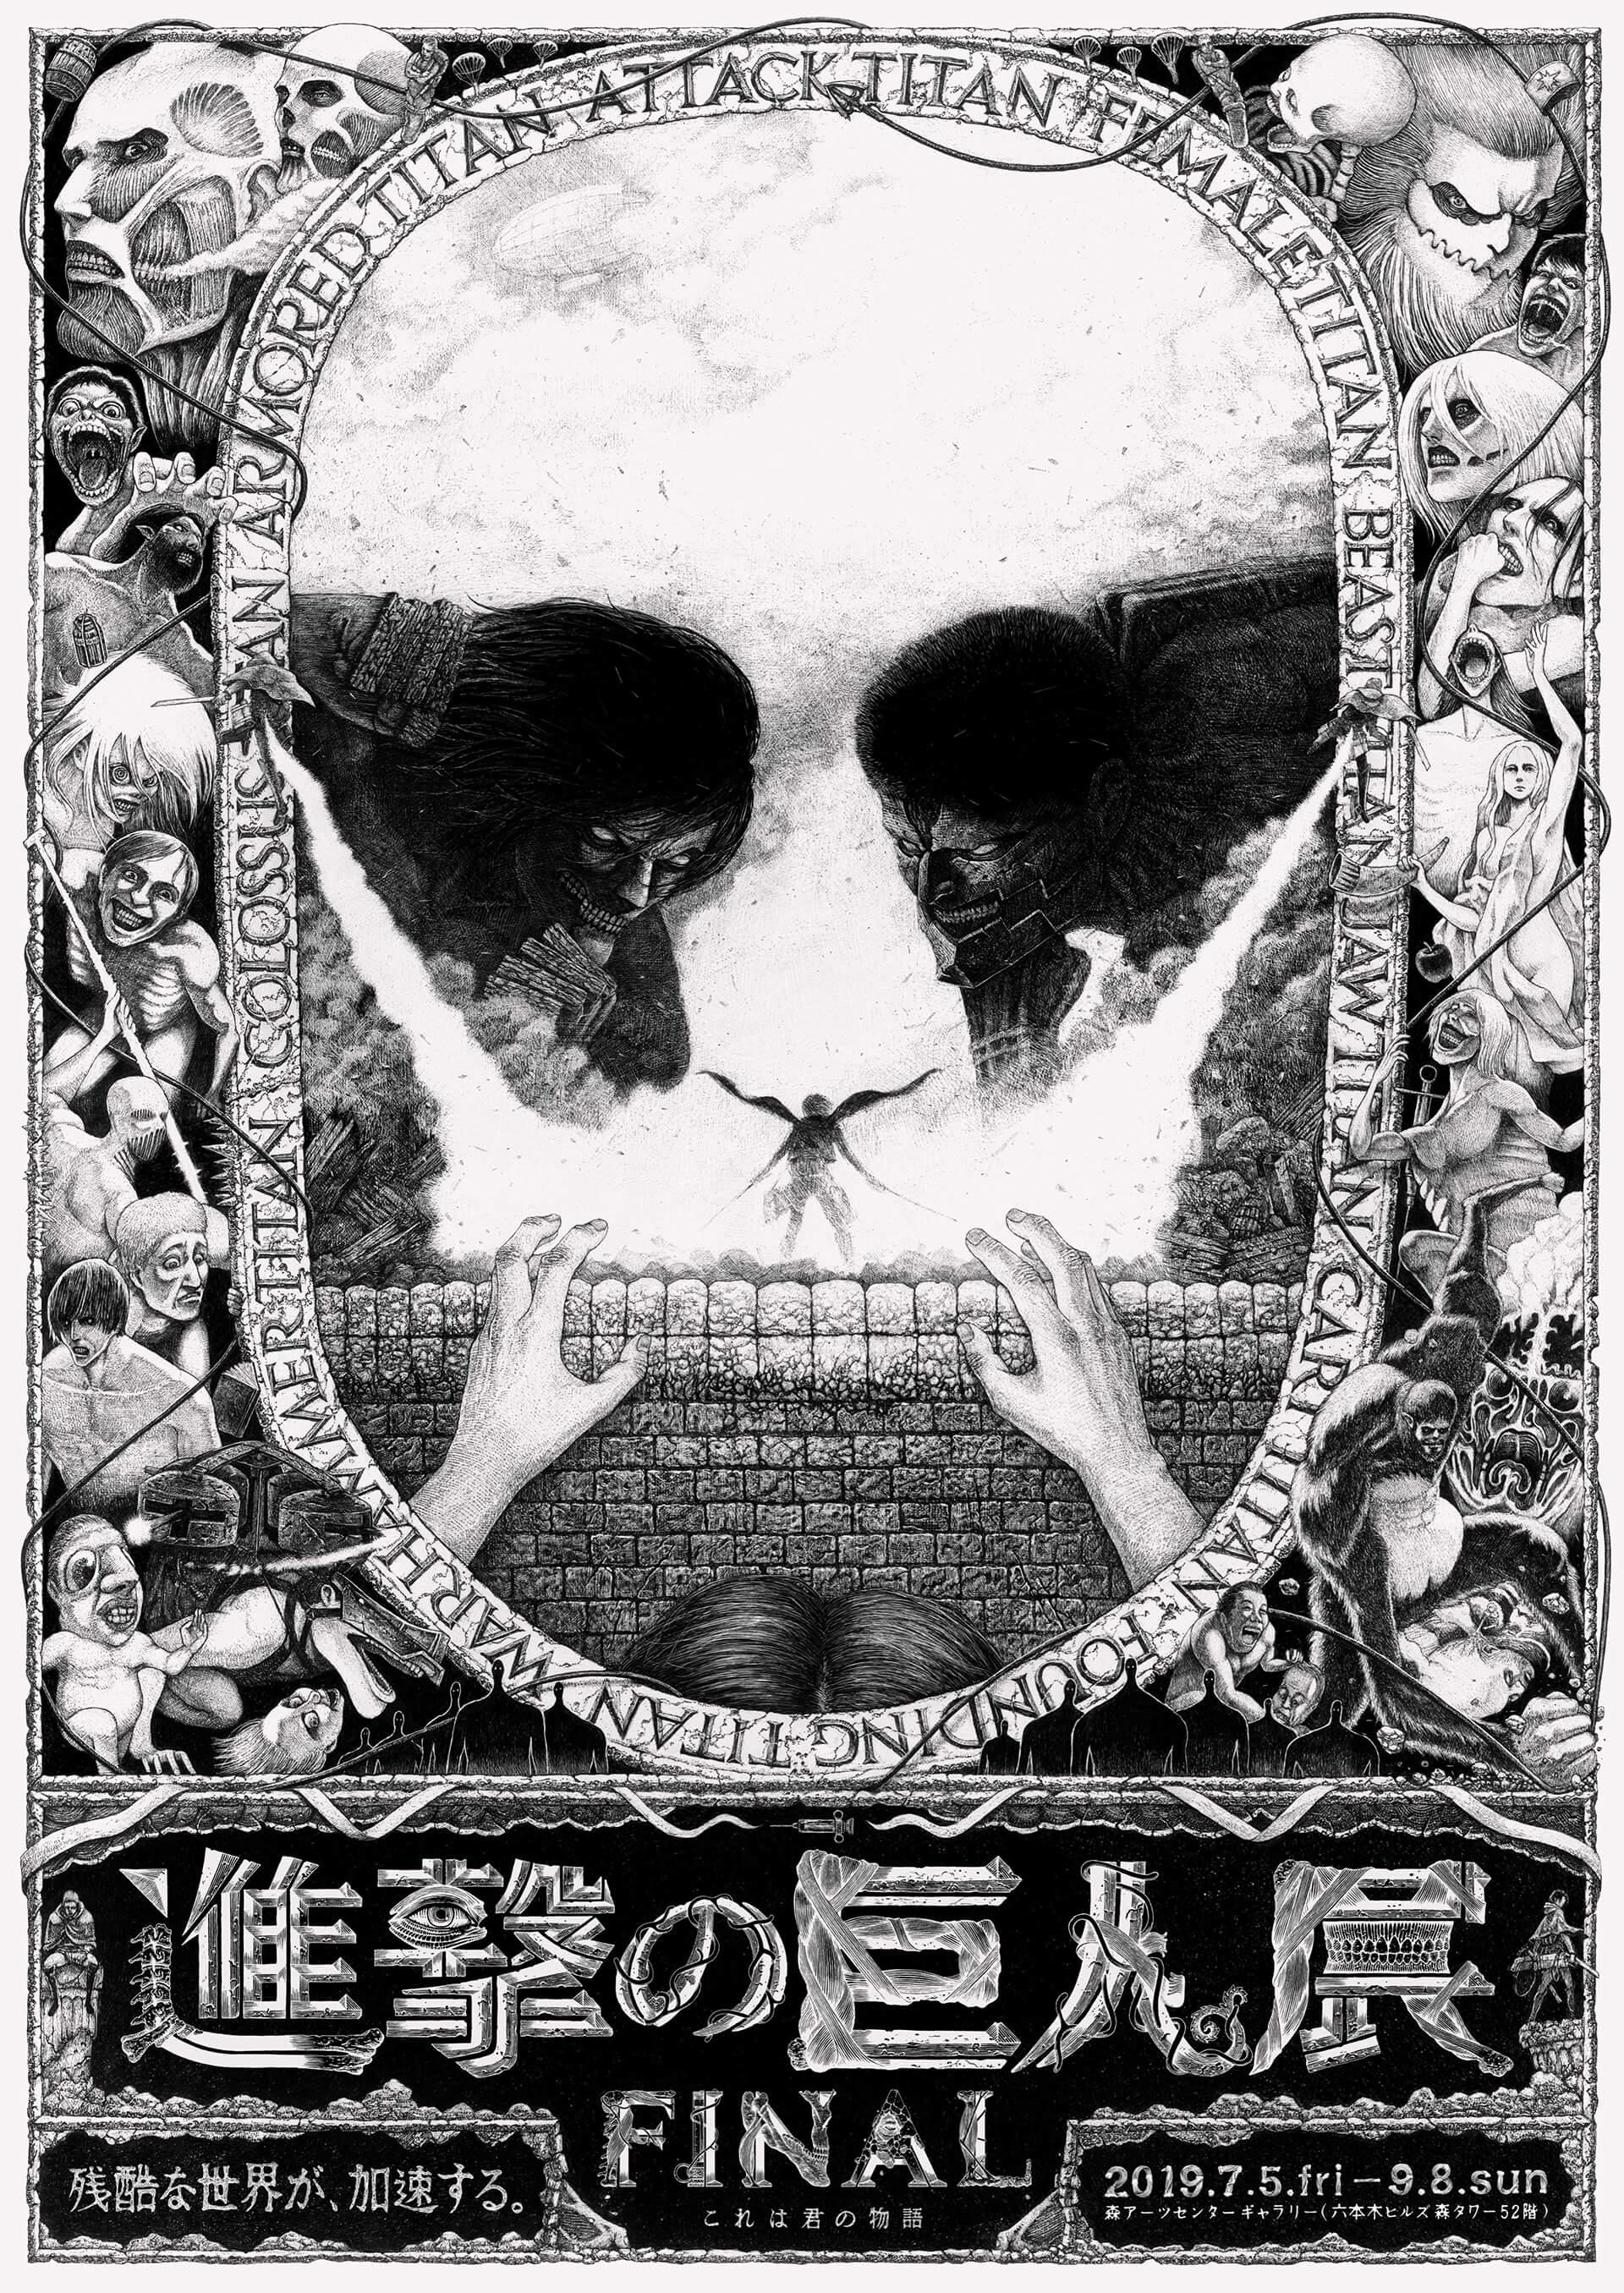 この写真は進撃の巨人展FINALのアーティスティックなポスタービジュアルです